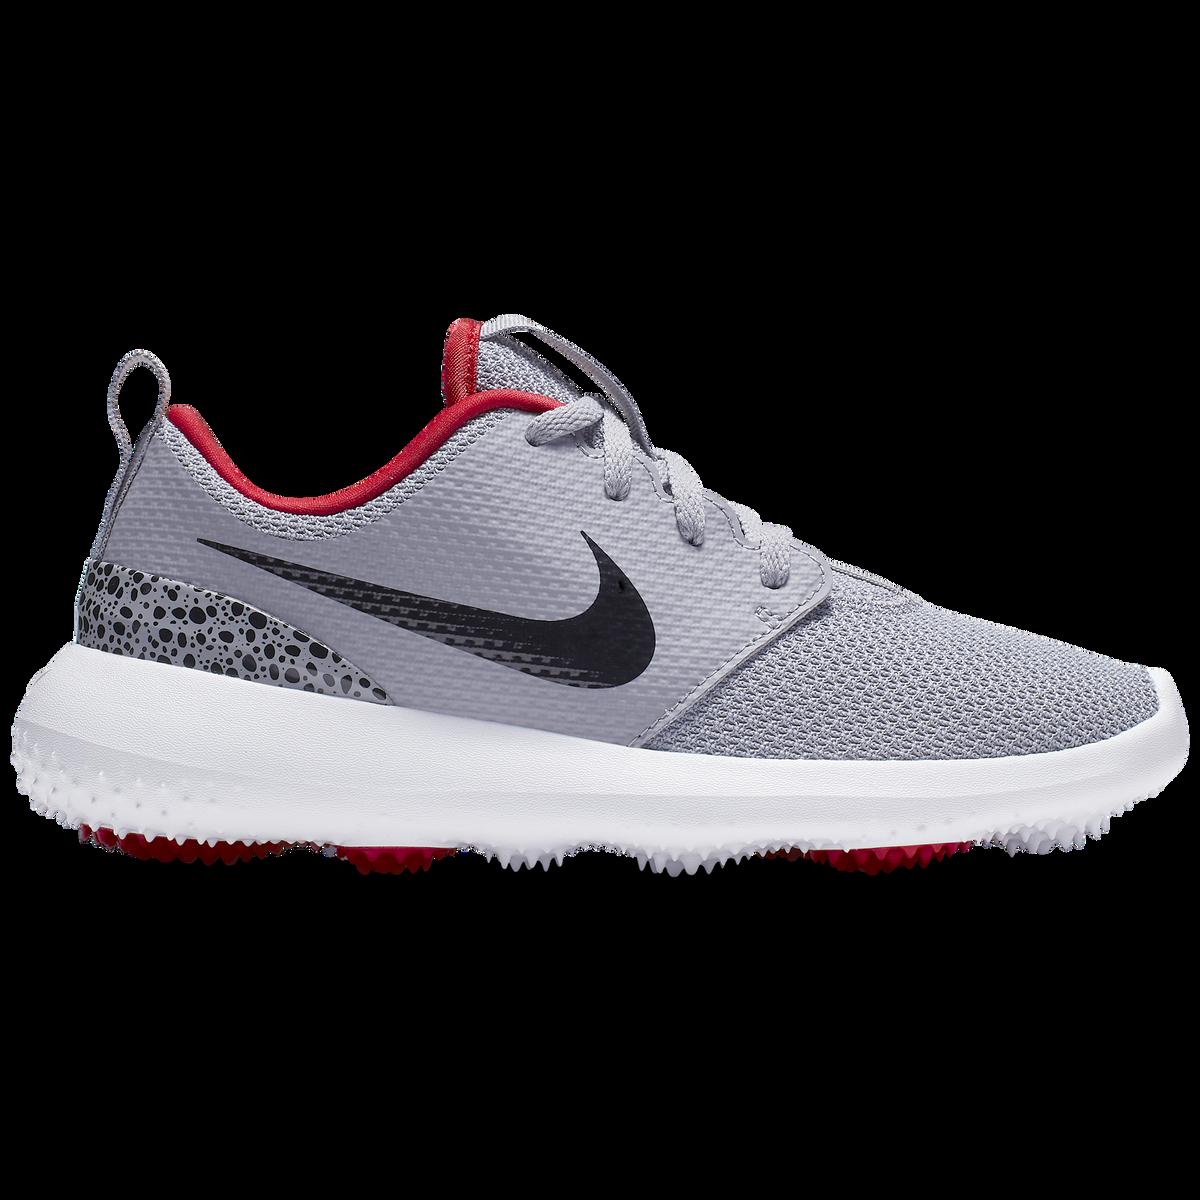 f730674998 Nike Roshe G Jr. Golf Shoe - Grey/Black | PGA TOUR Superstore